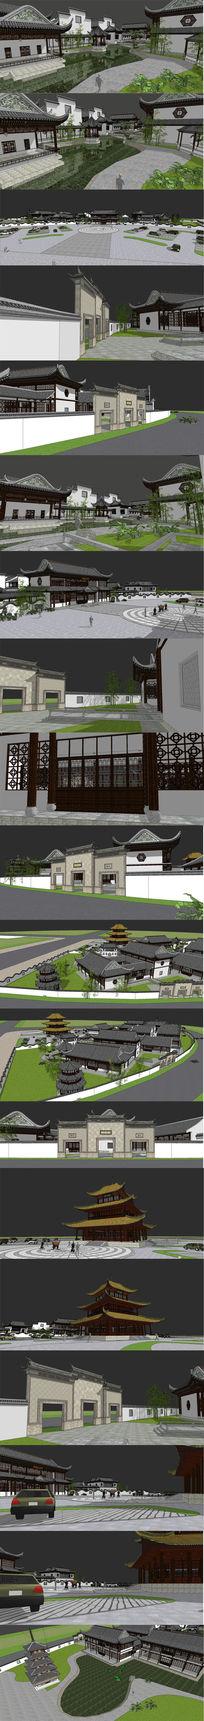 中式古典小岛会所群建筑SU设计